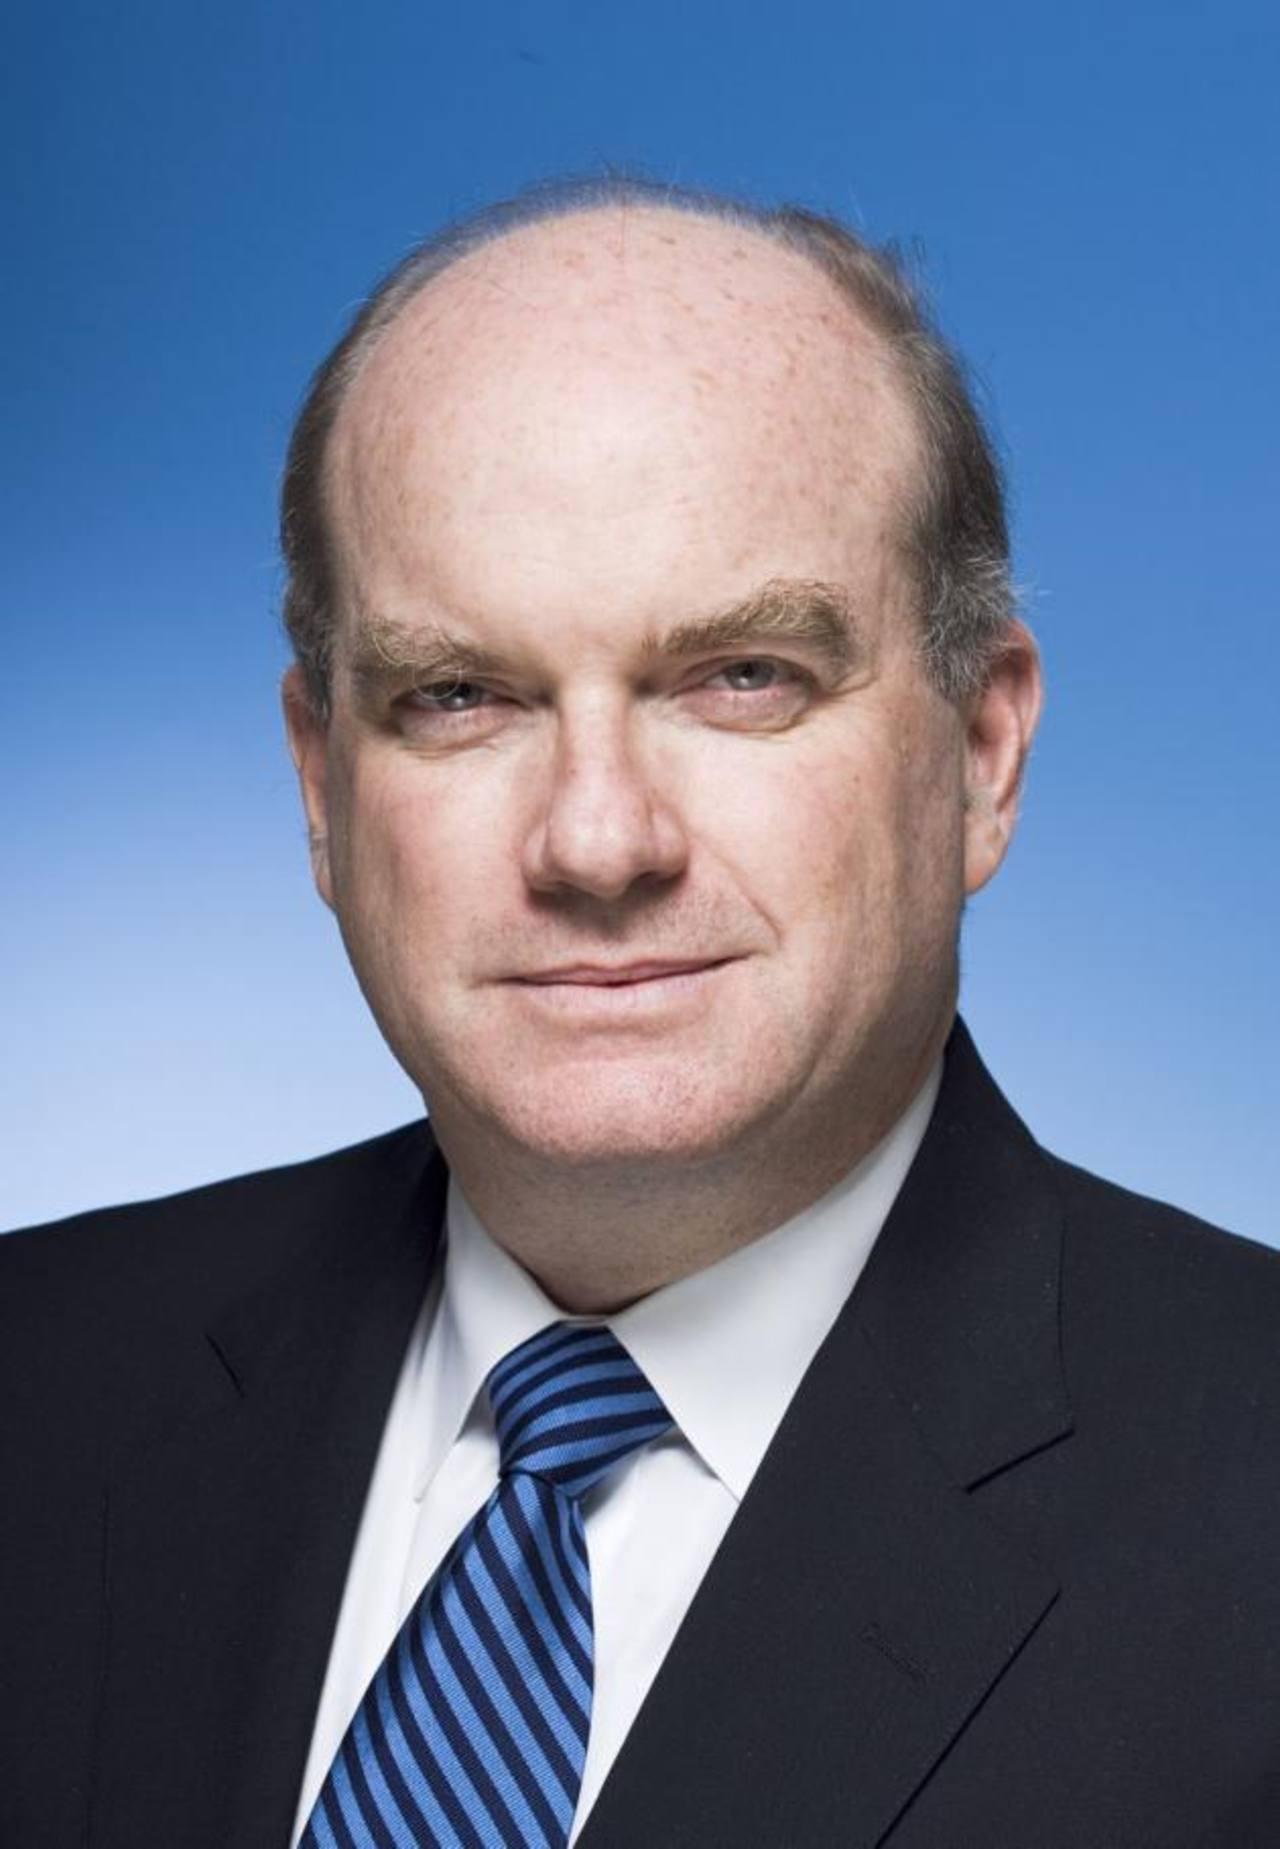 Pedro Burelli, exdirector externo de la corporación estatal Petróleos de Venezuela, S.A. foto edh / internet